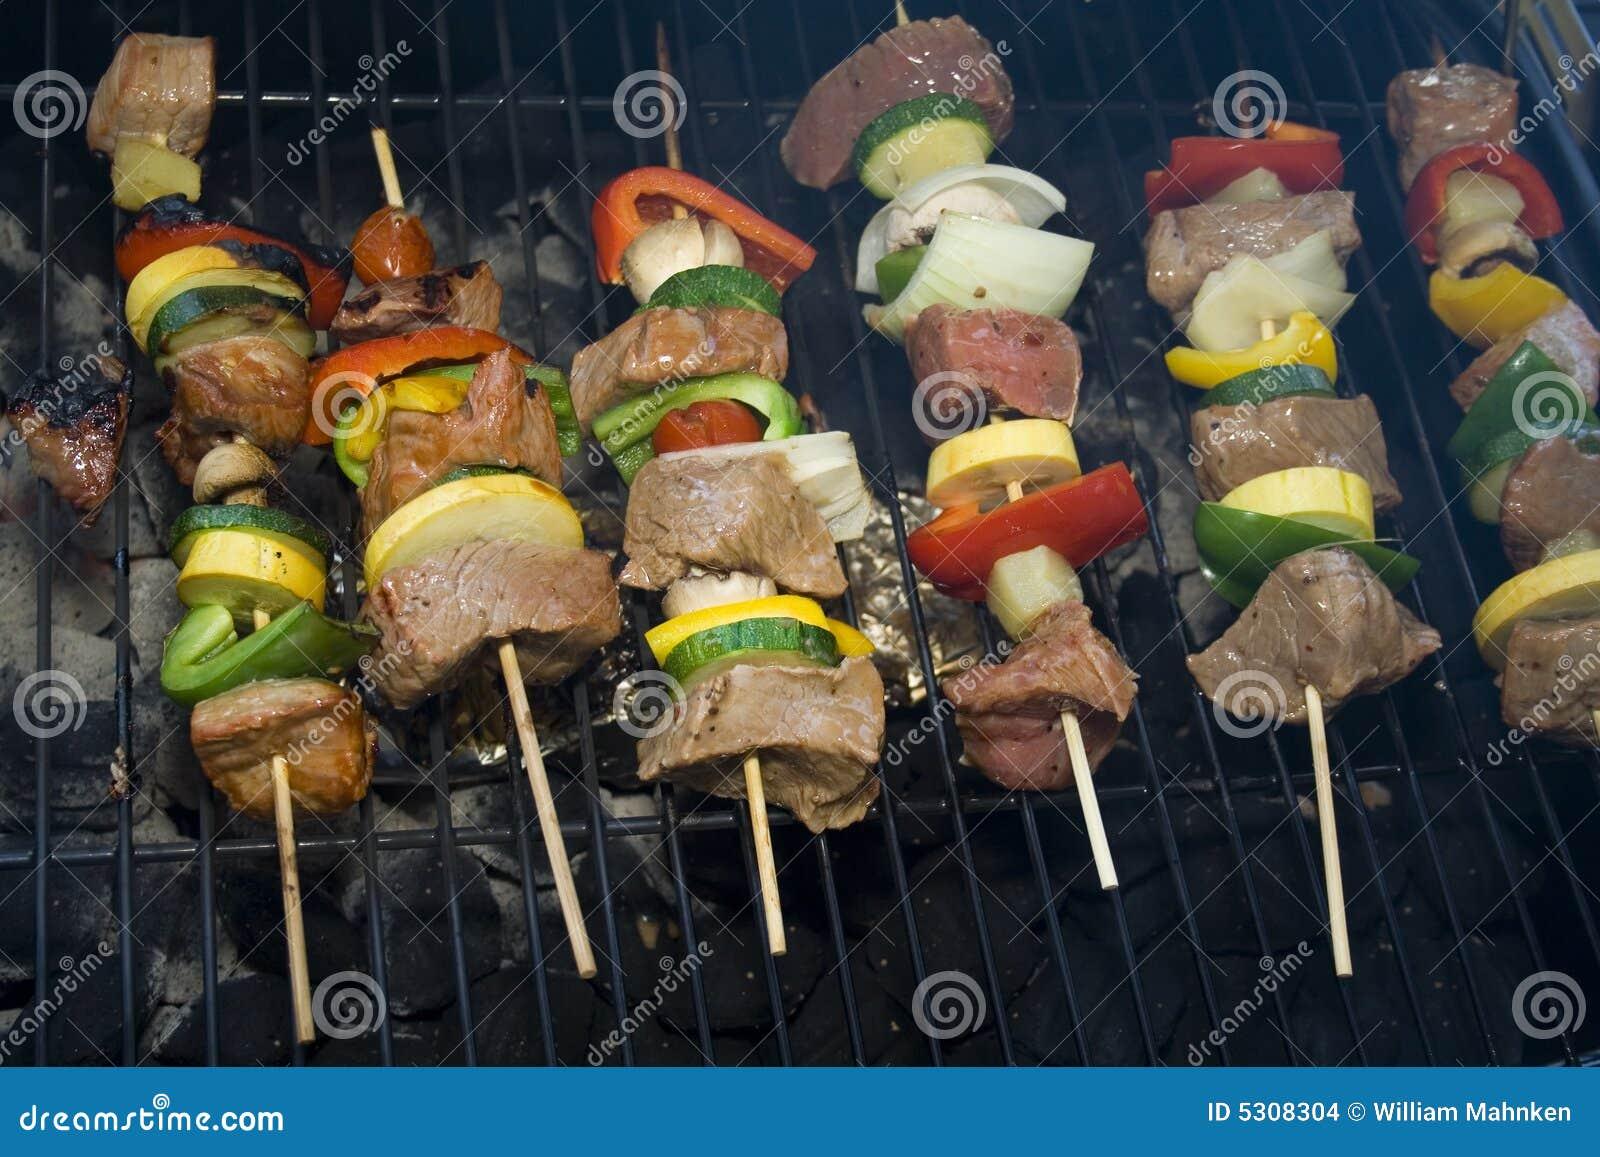 Download Shishkabobs fotografia stock. Immagine di pepe, alimento - 5308304